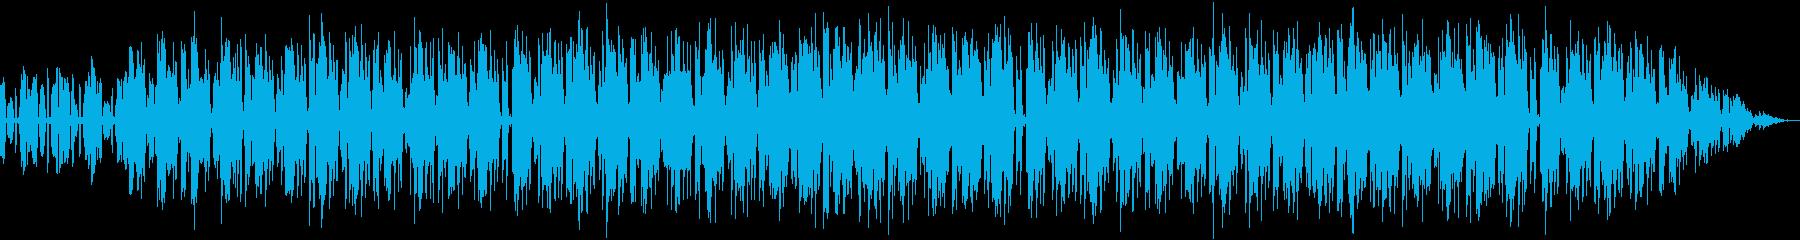 陽気にスキップ 心躍るBGM!の再生済みの波形